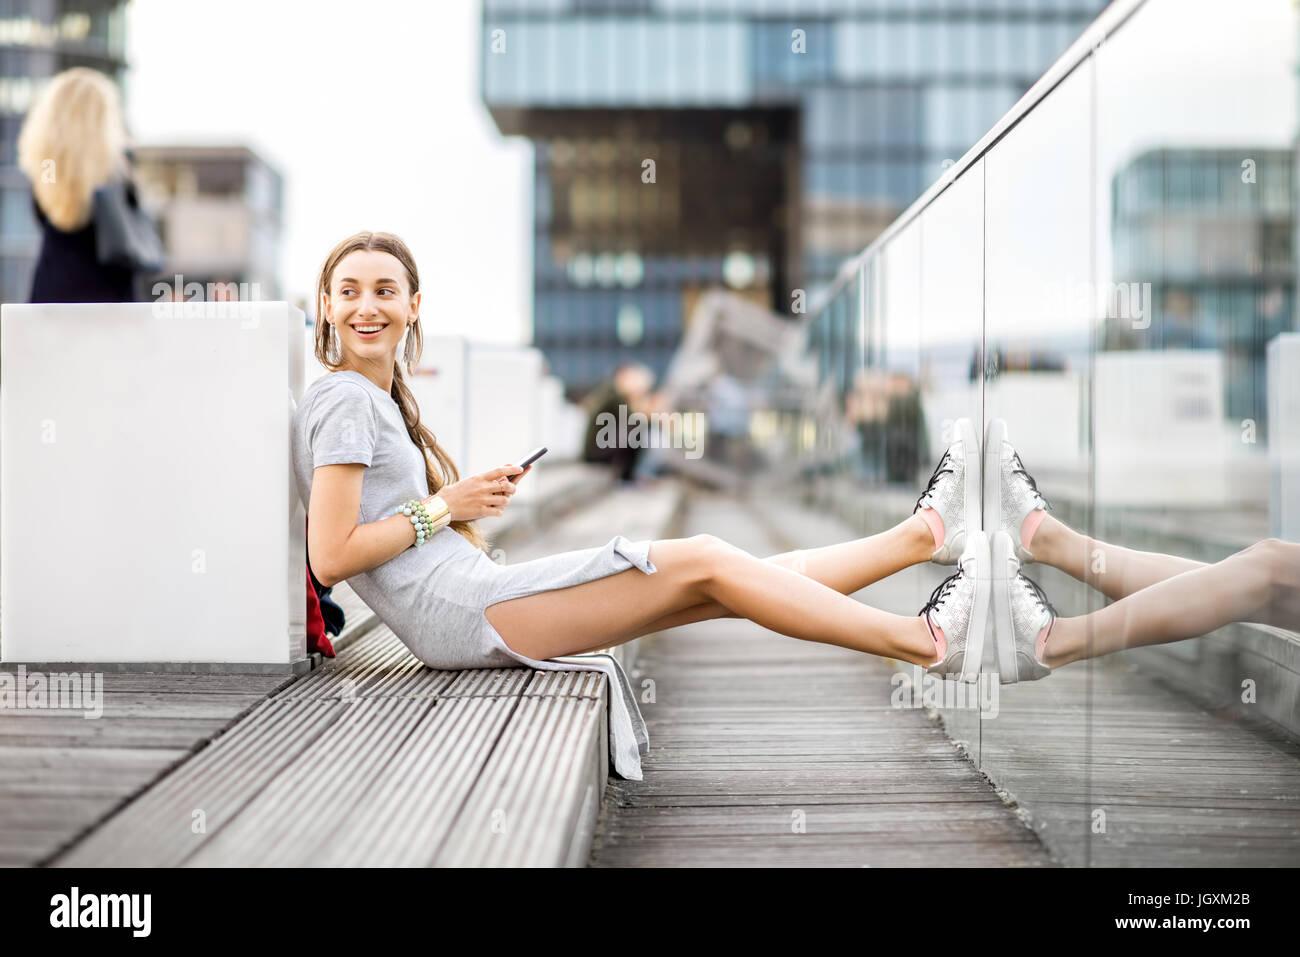 Stile di vita il ritratto di una donna d'affari all'aperto Immagini Stock